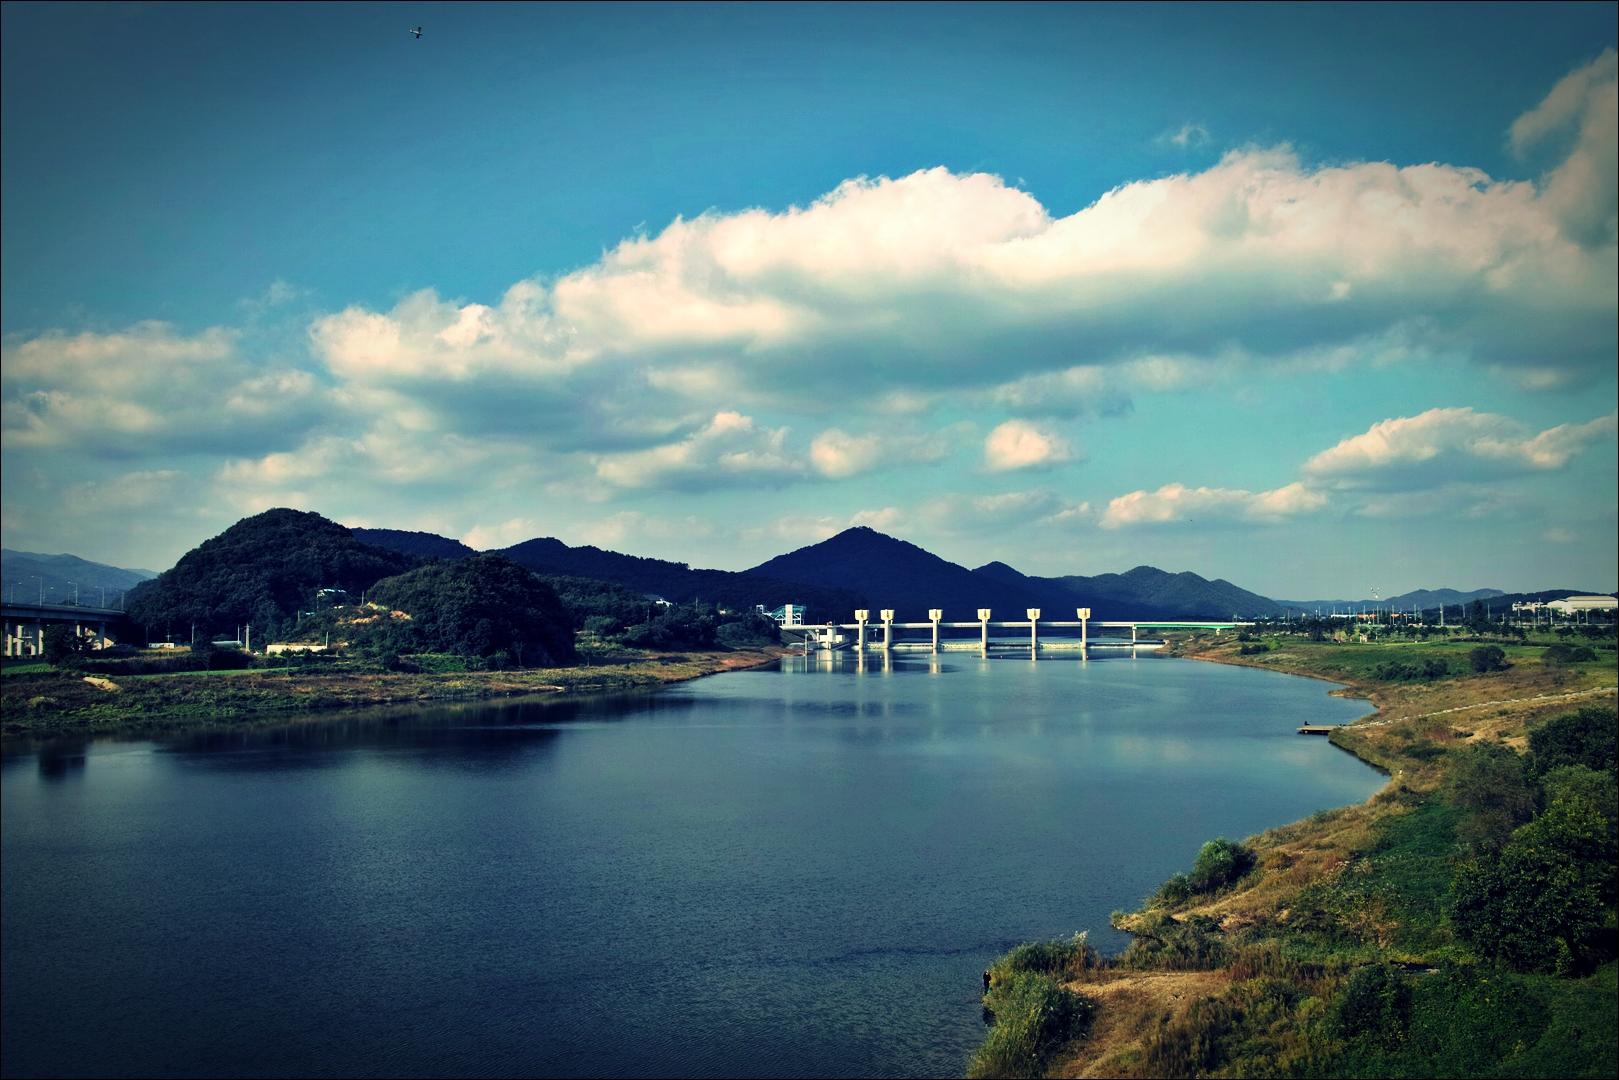 공주보 인근-'금강 자전거 캠핑 종주'